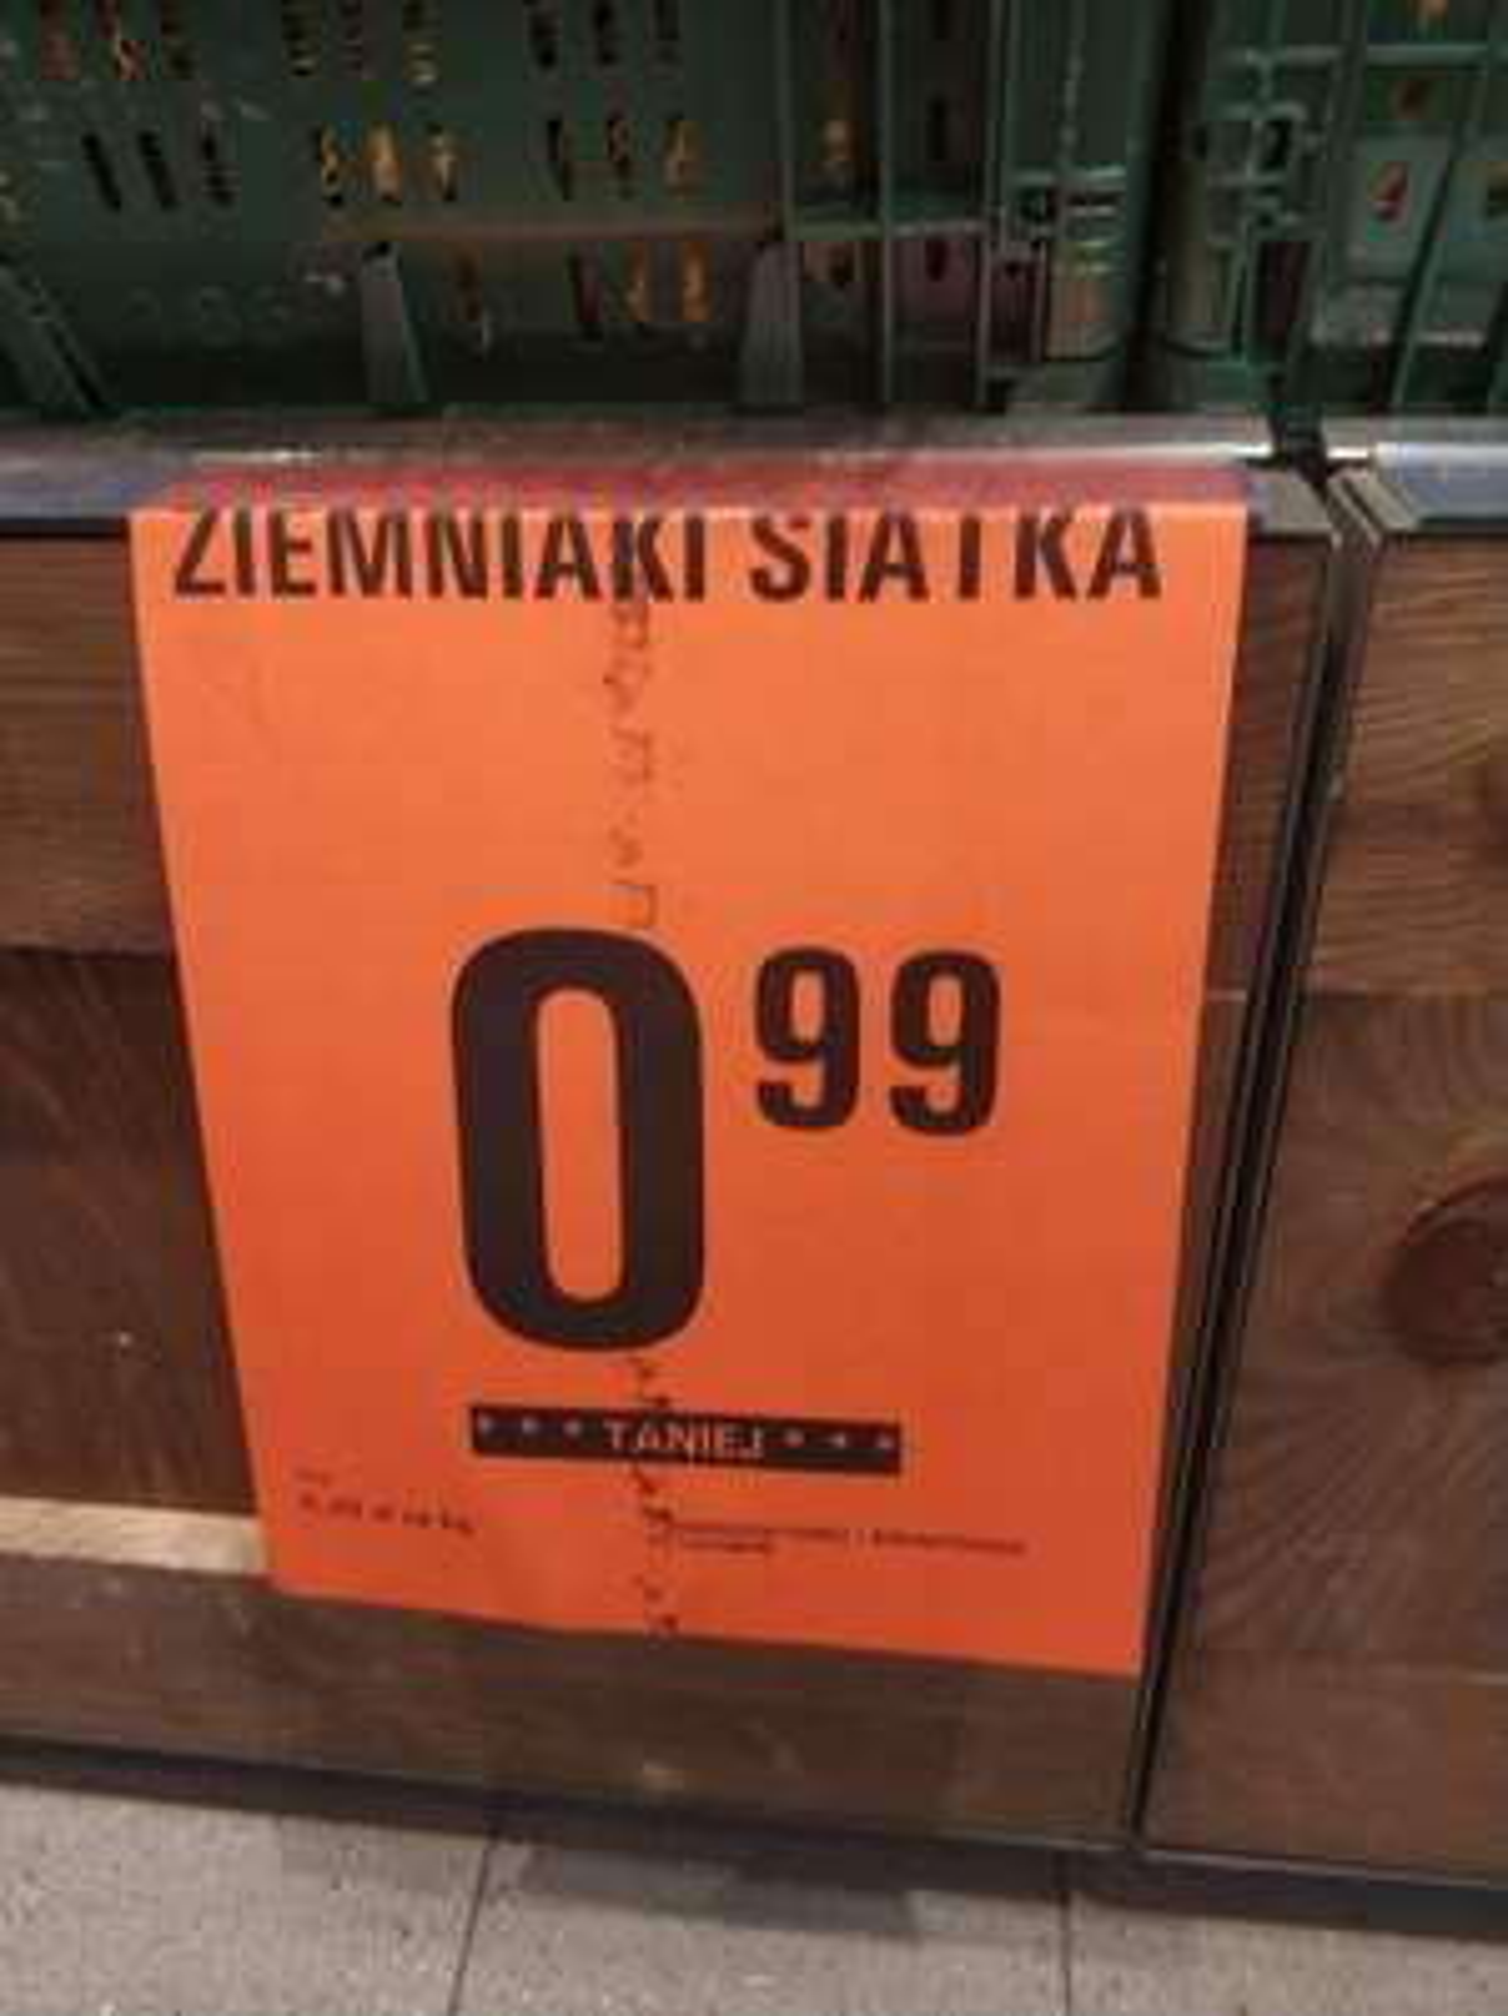 Ziemniaki 5kg za 0.99 zł. Netto.